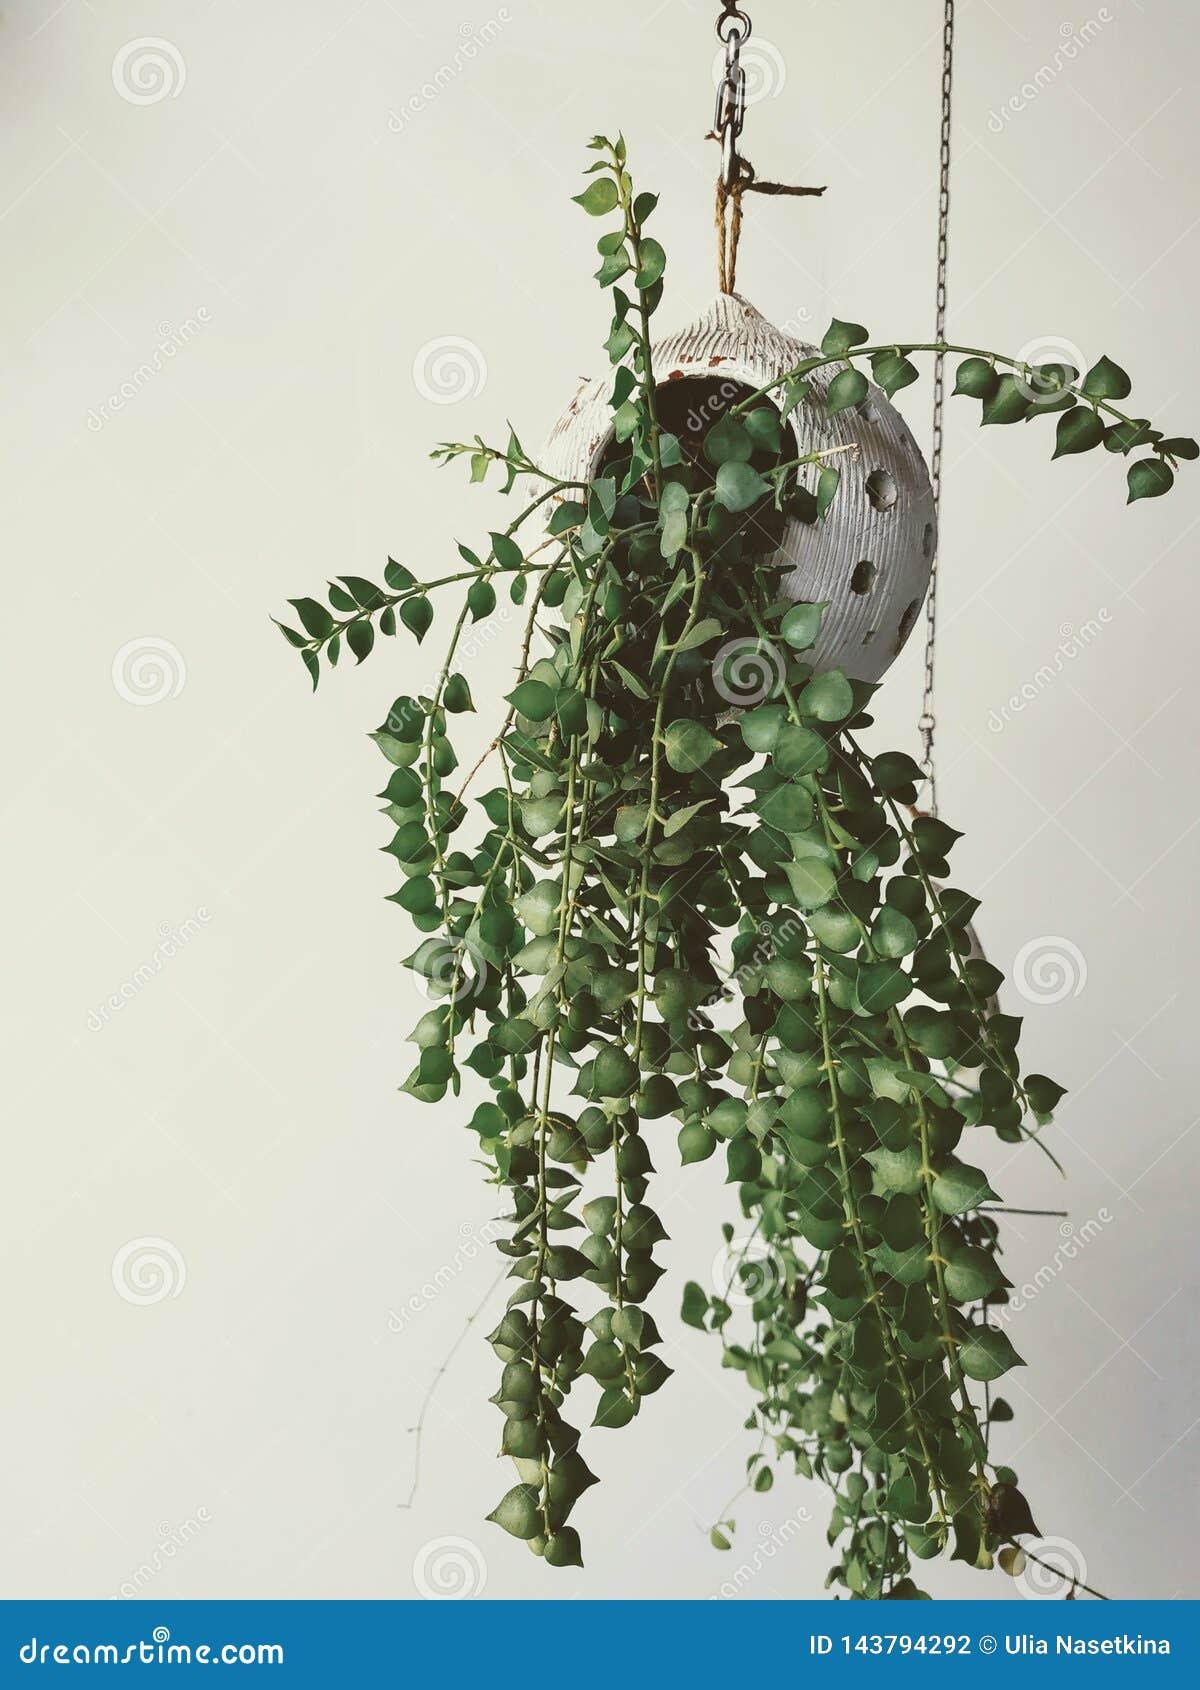 Usine mise en pot verte fraîche, décoration intérieure